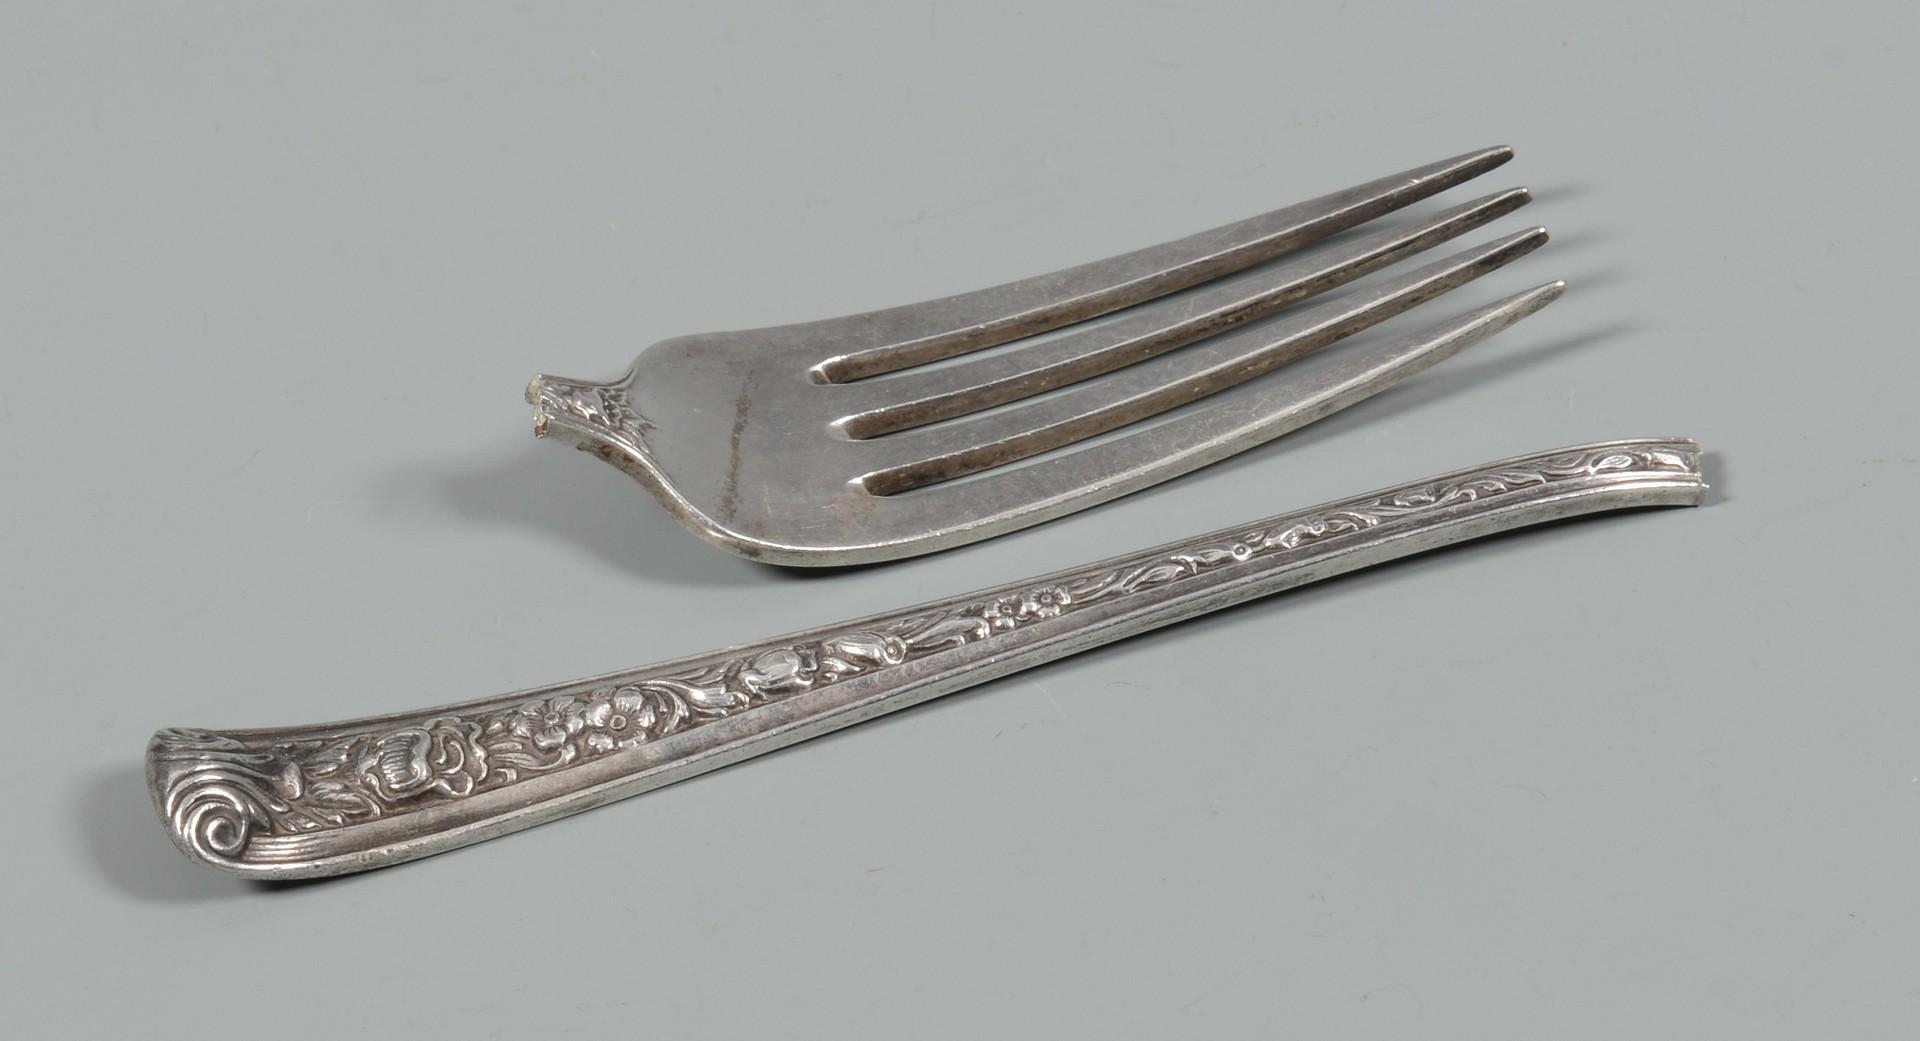 Lot 337: Watson Windsor Rose silver flatware, 39 pcs